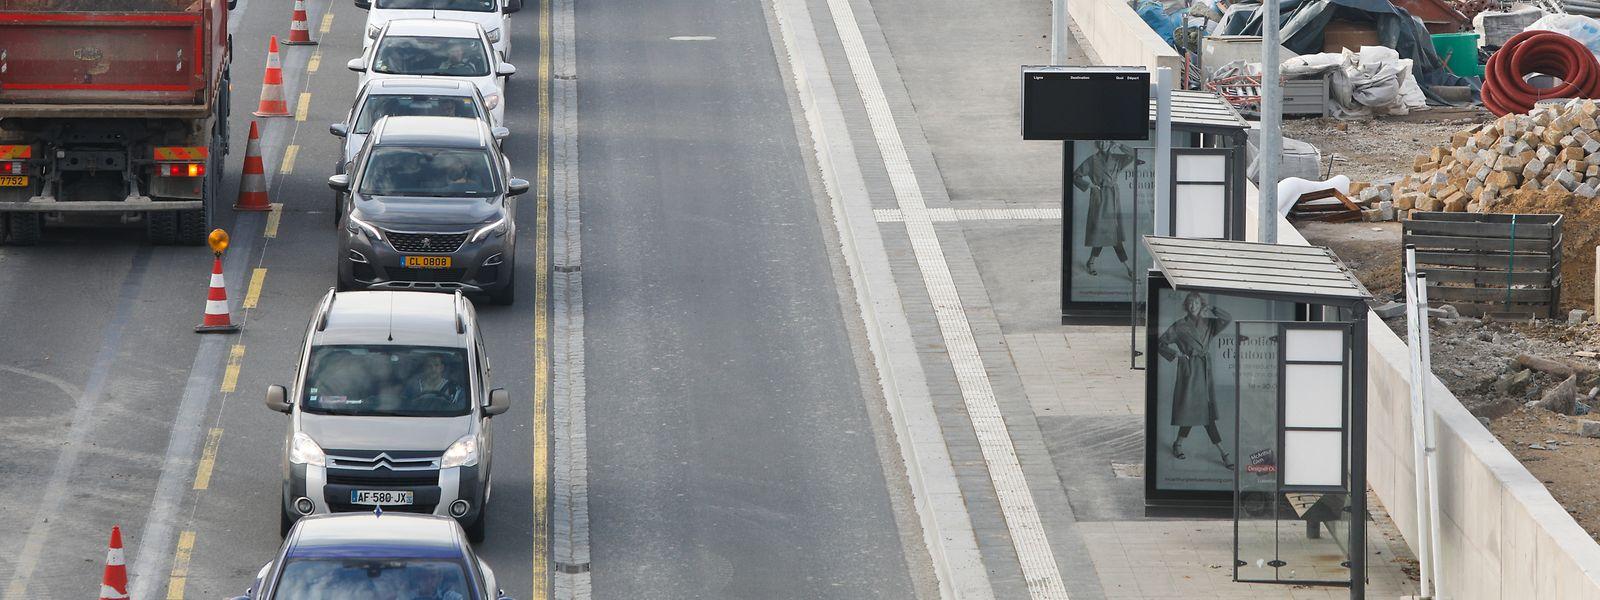 Les nouveaux arrêts sont directement accessibles depuis la passerelle desservant la gare.